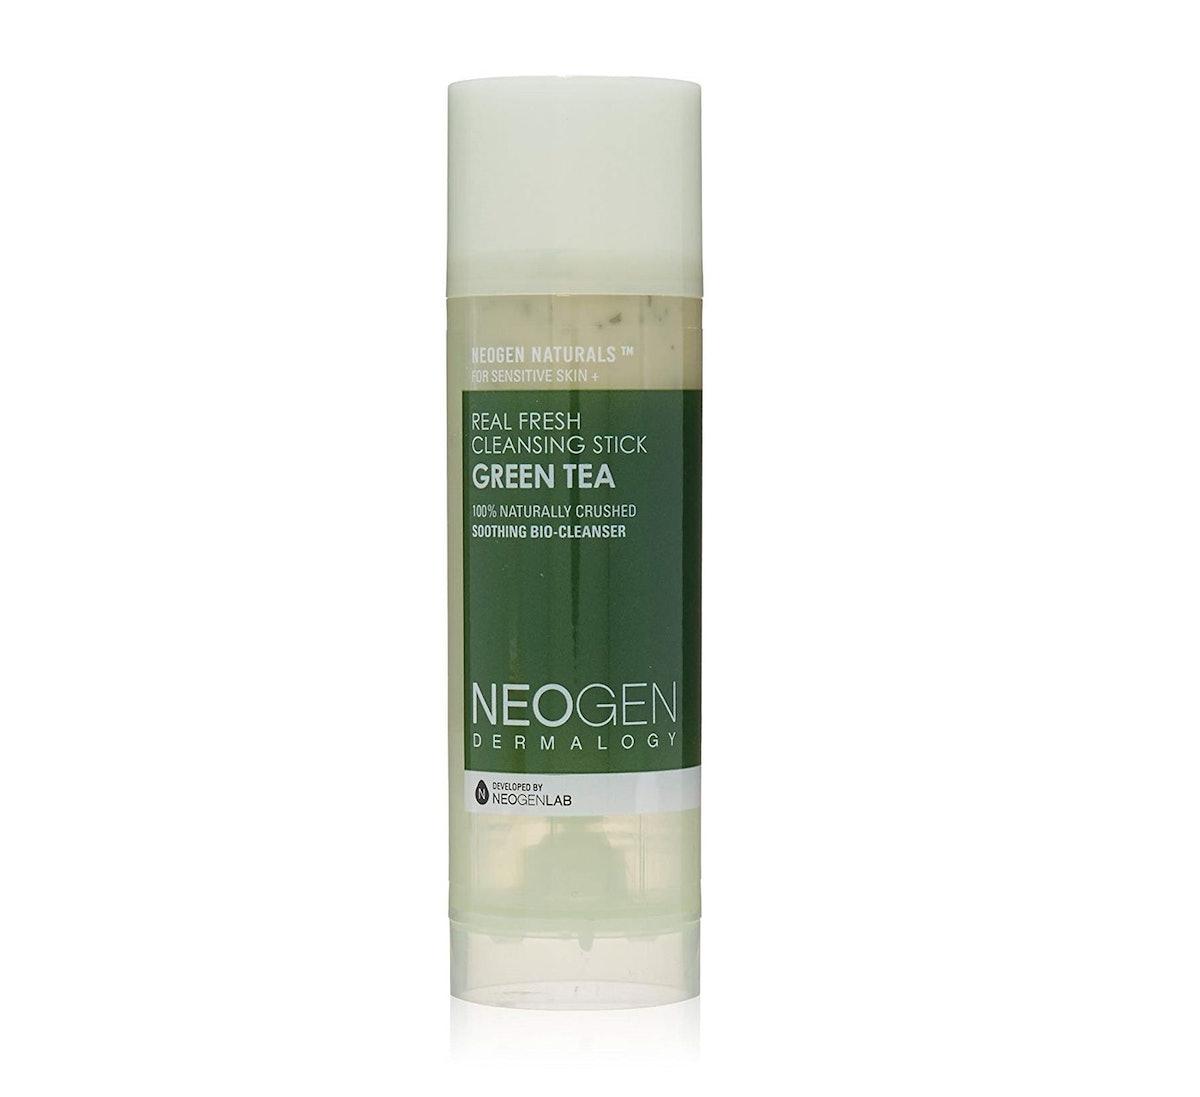 Neogen Cleansing Stick